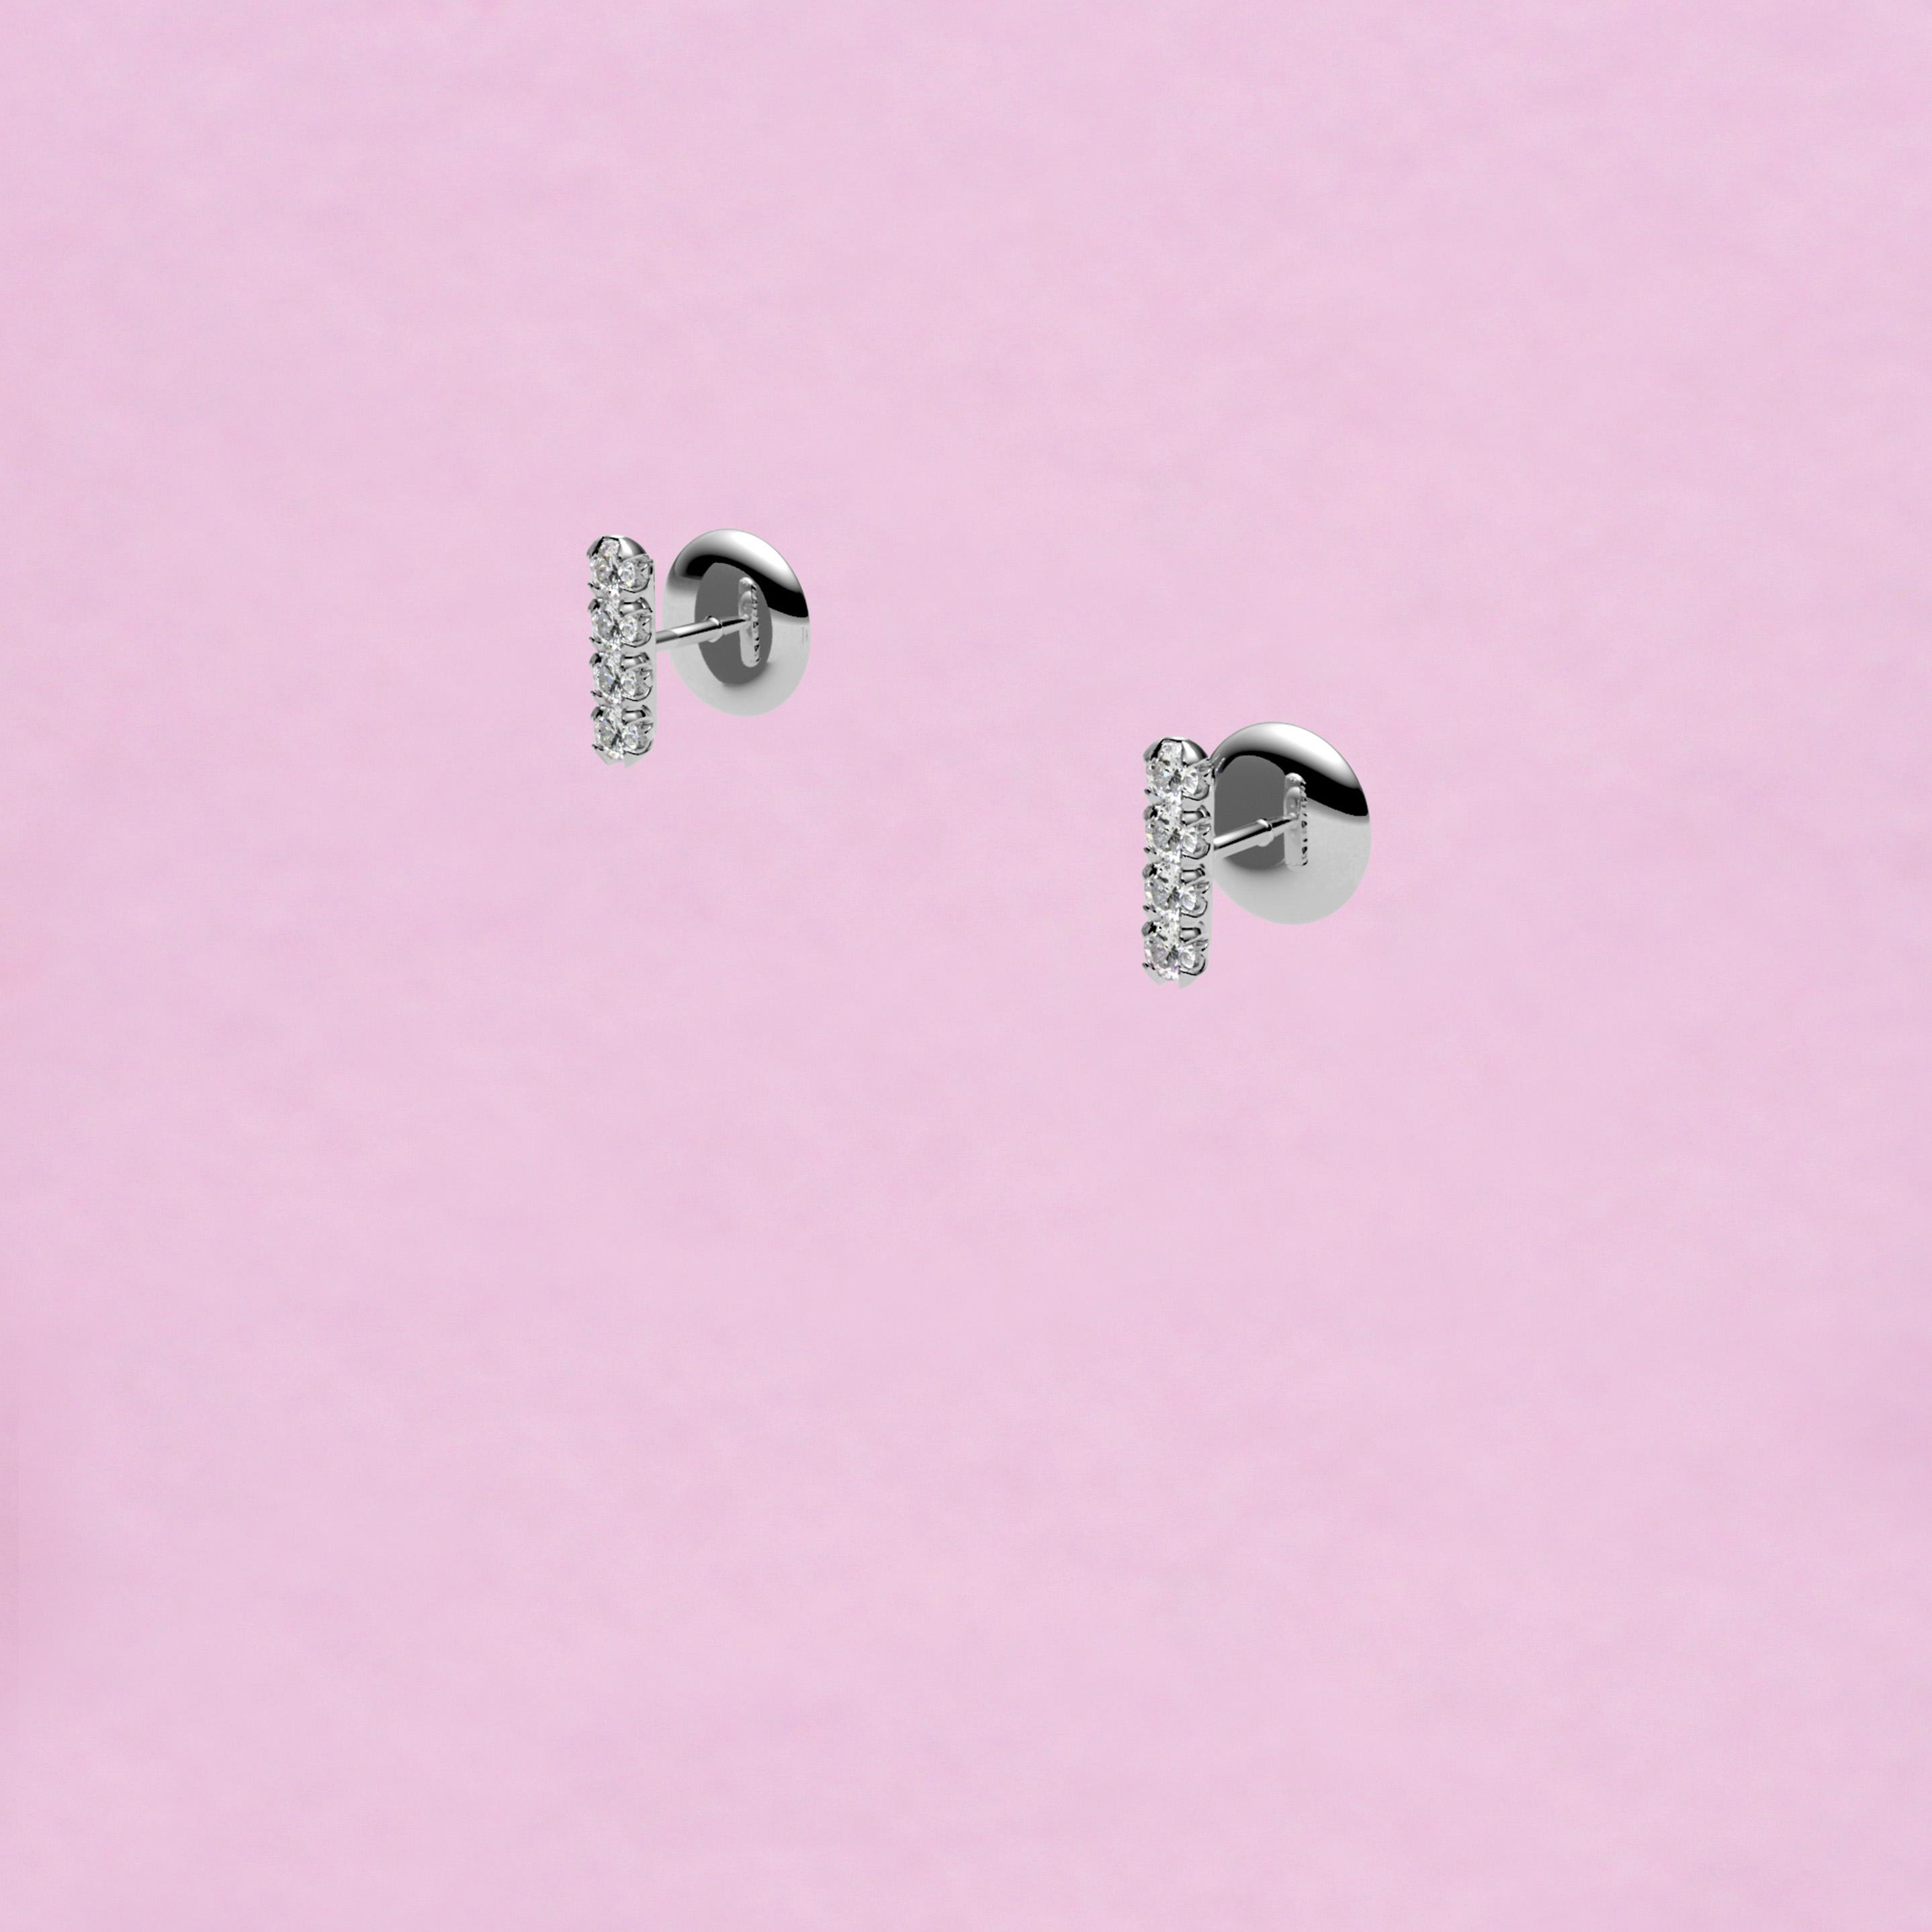 blossom stud earrings – white diamond and 18k white gold